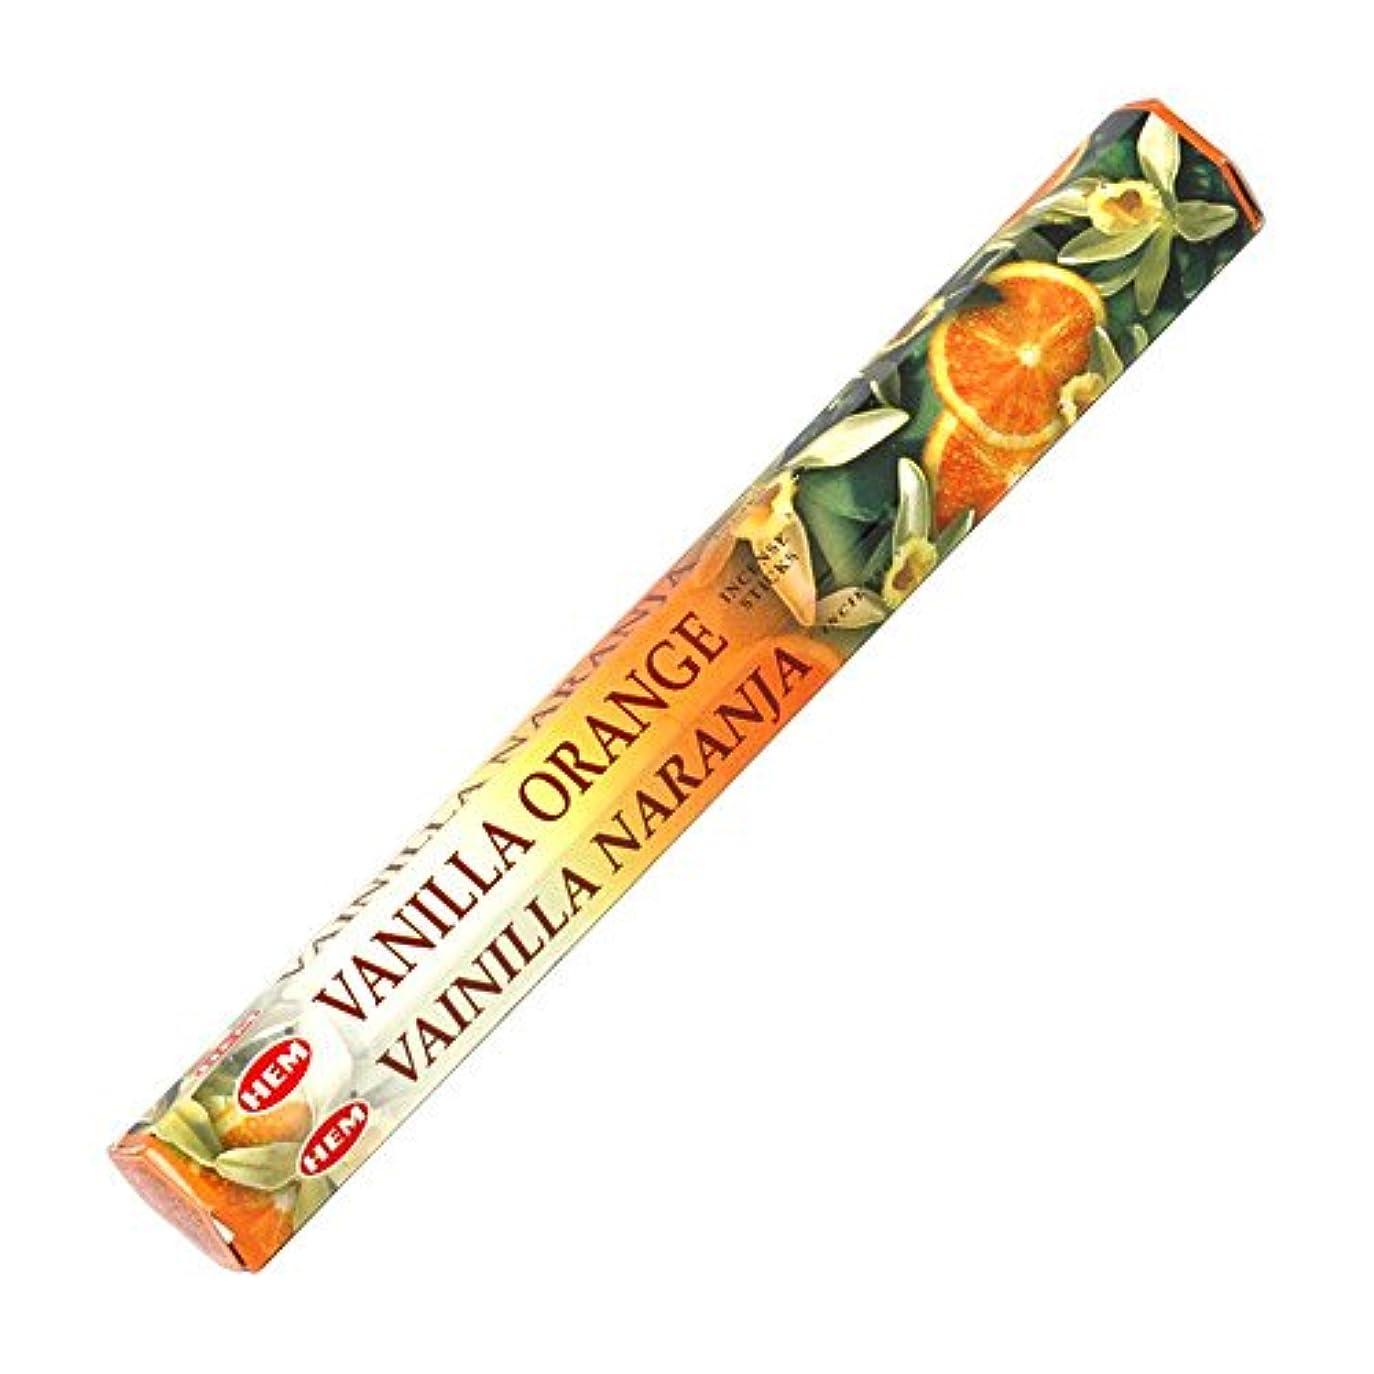 ソーダ水親密なペンダント【HEM/ヘム】《バニラ?オレンジ》へキサパック/インド/お香/インセンス/スティック/6角(20本入)×1箱